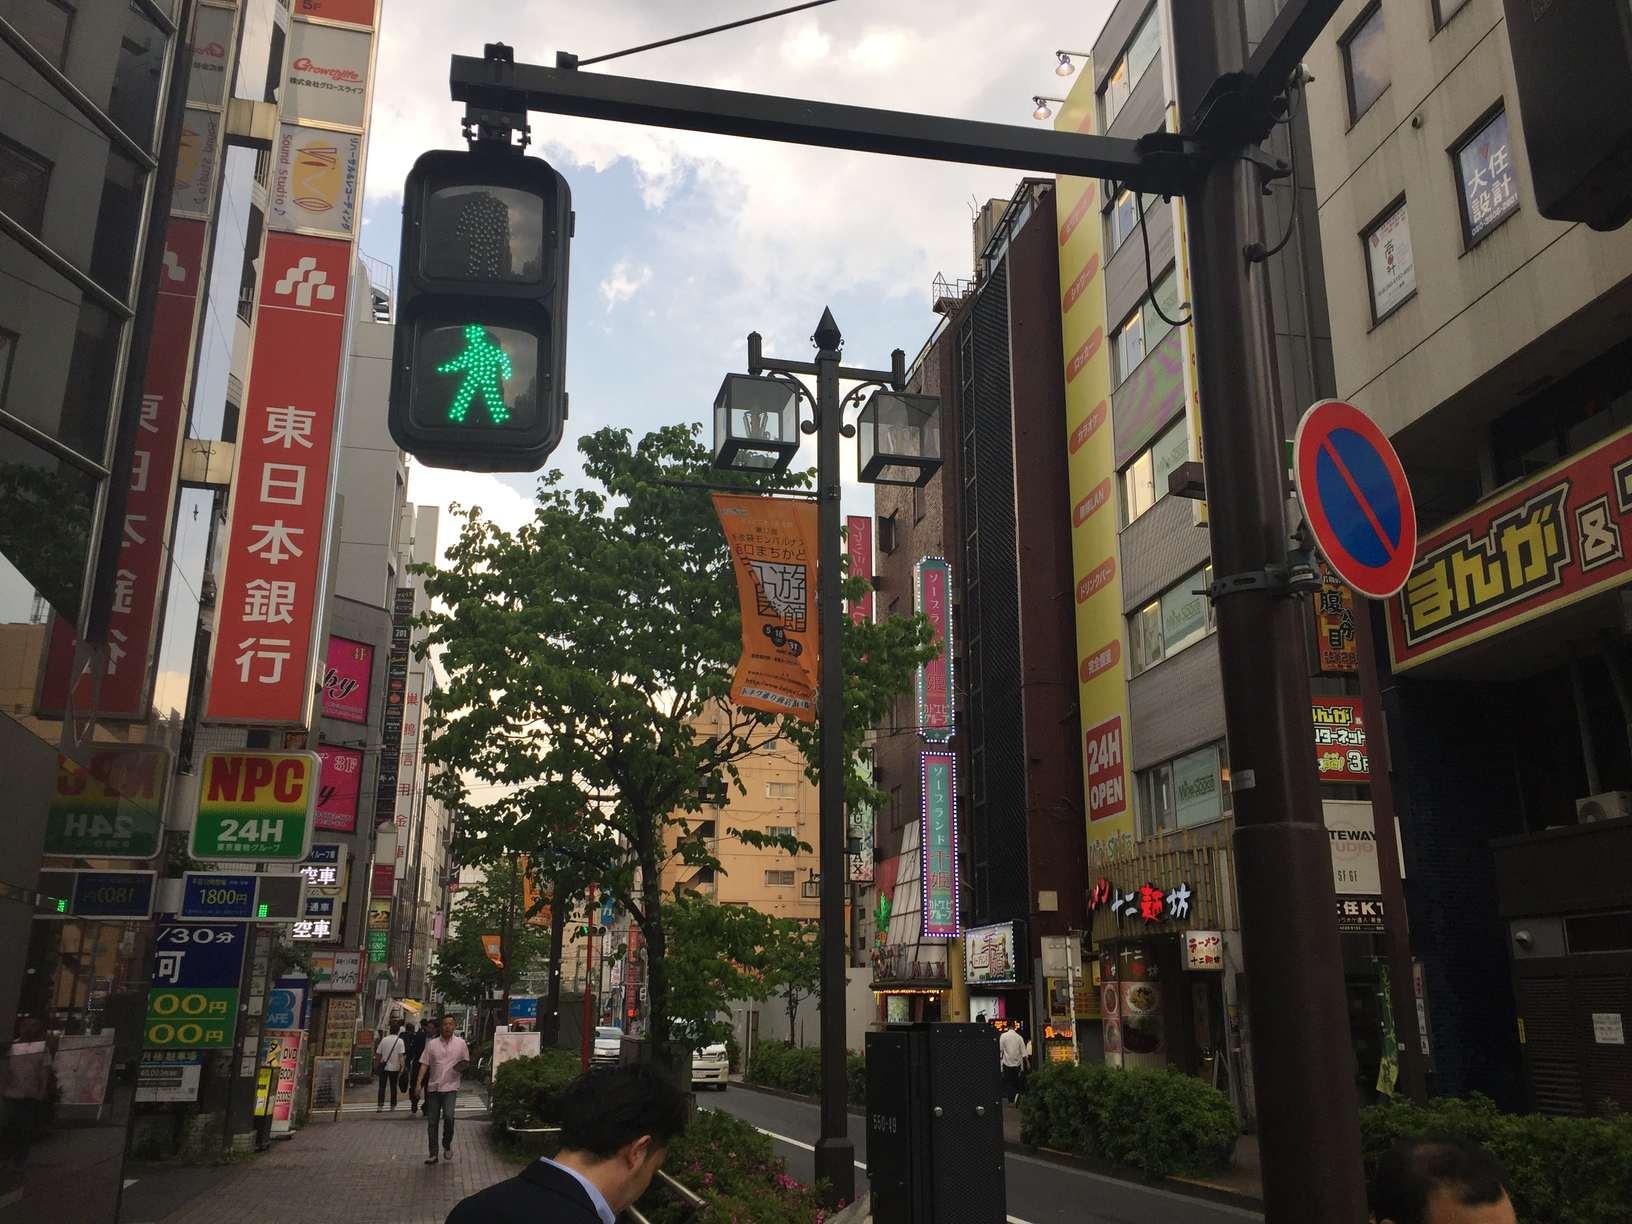 昼間でも人通りが多い街並み